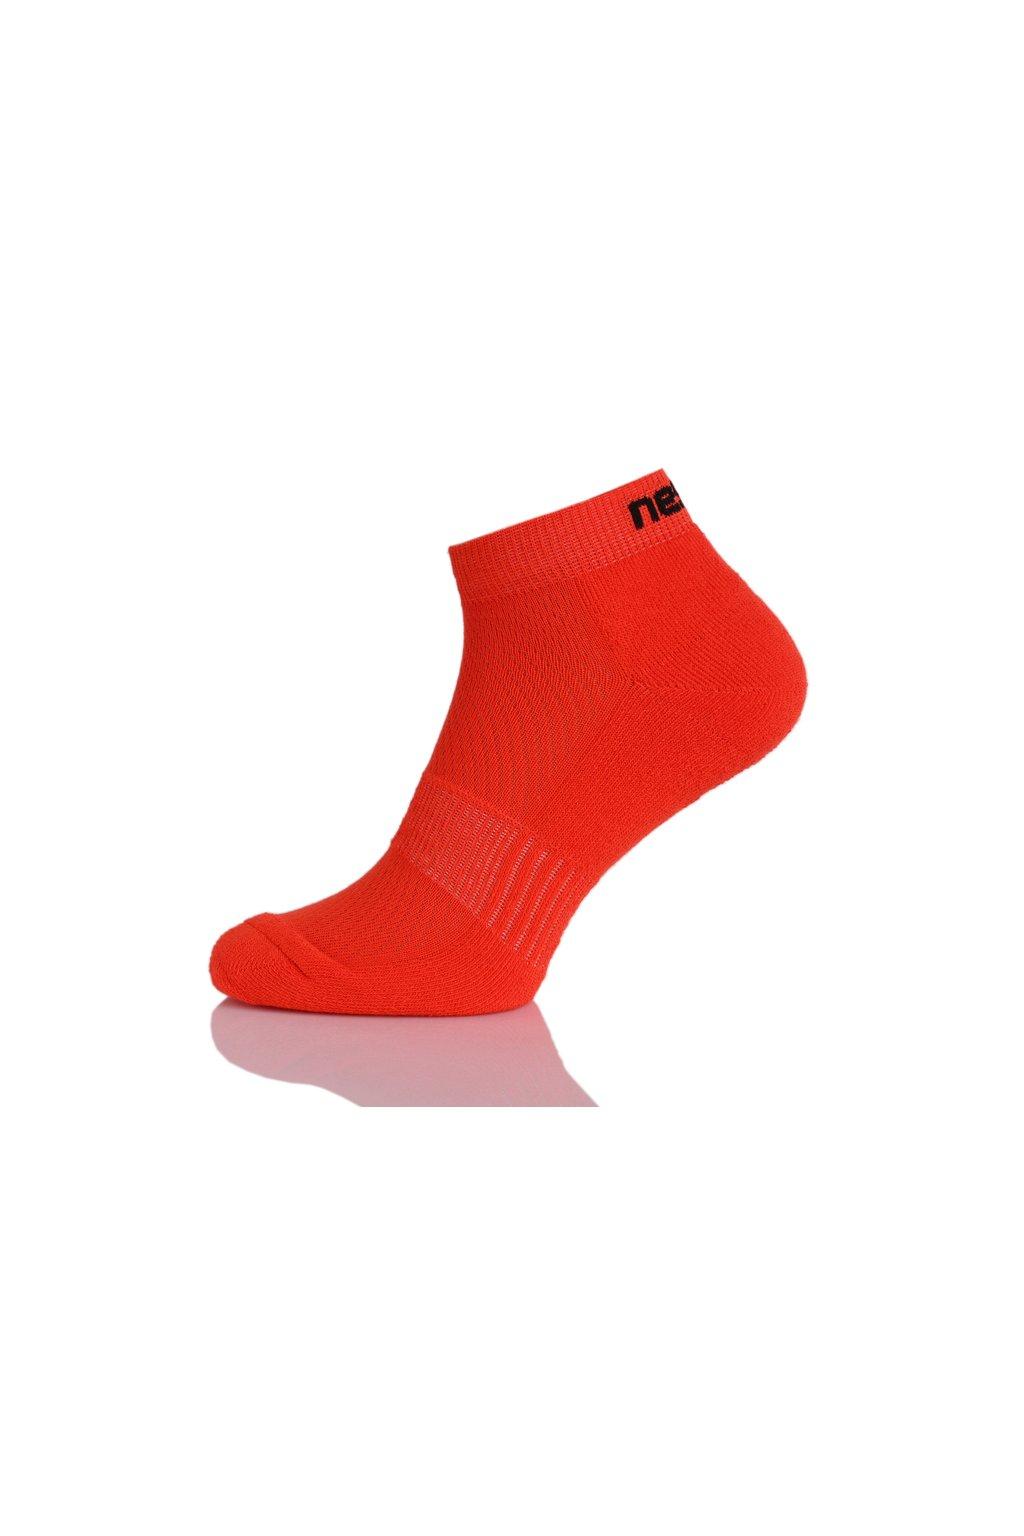 Bavlněné Termoaktivní kotnikové ponožky ST 14 1